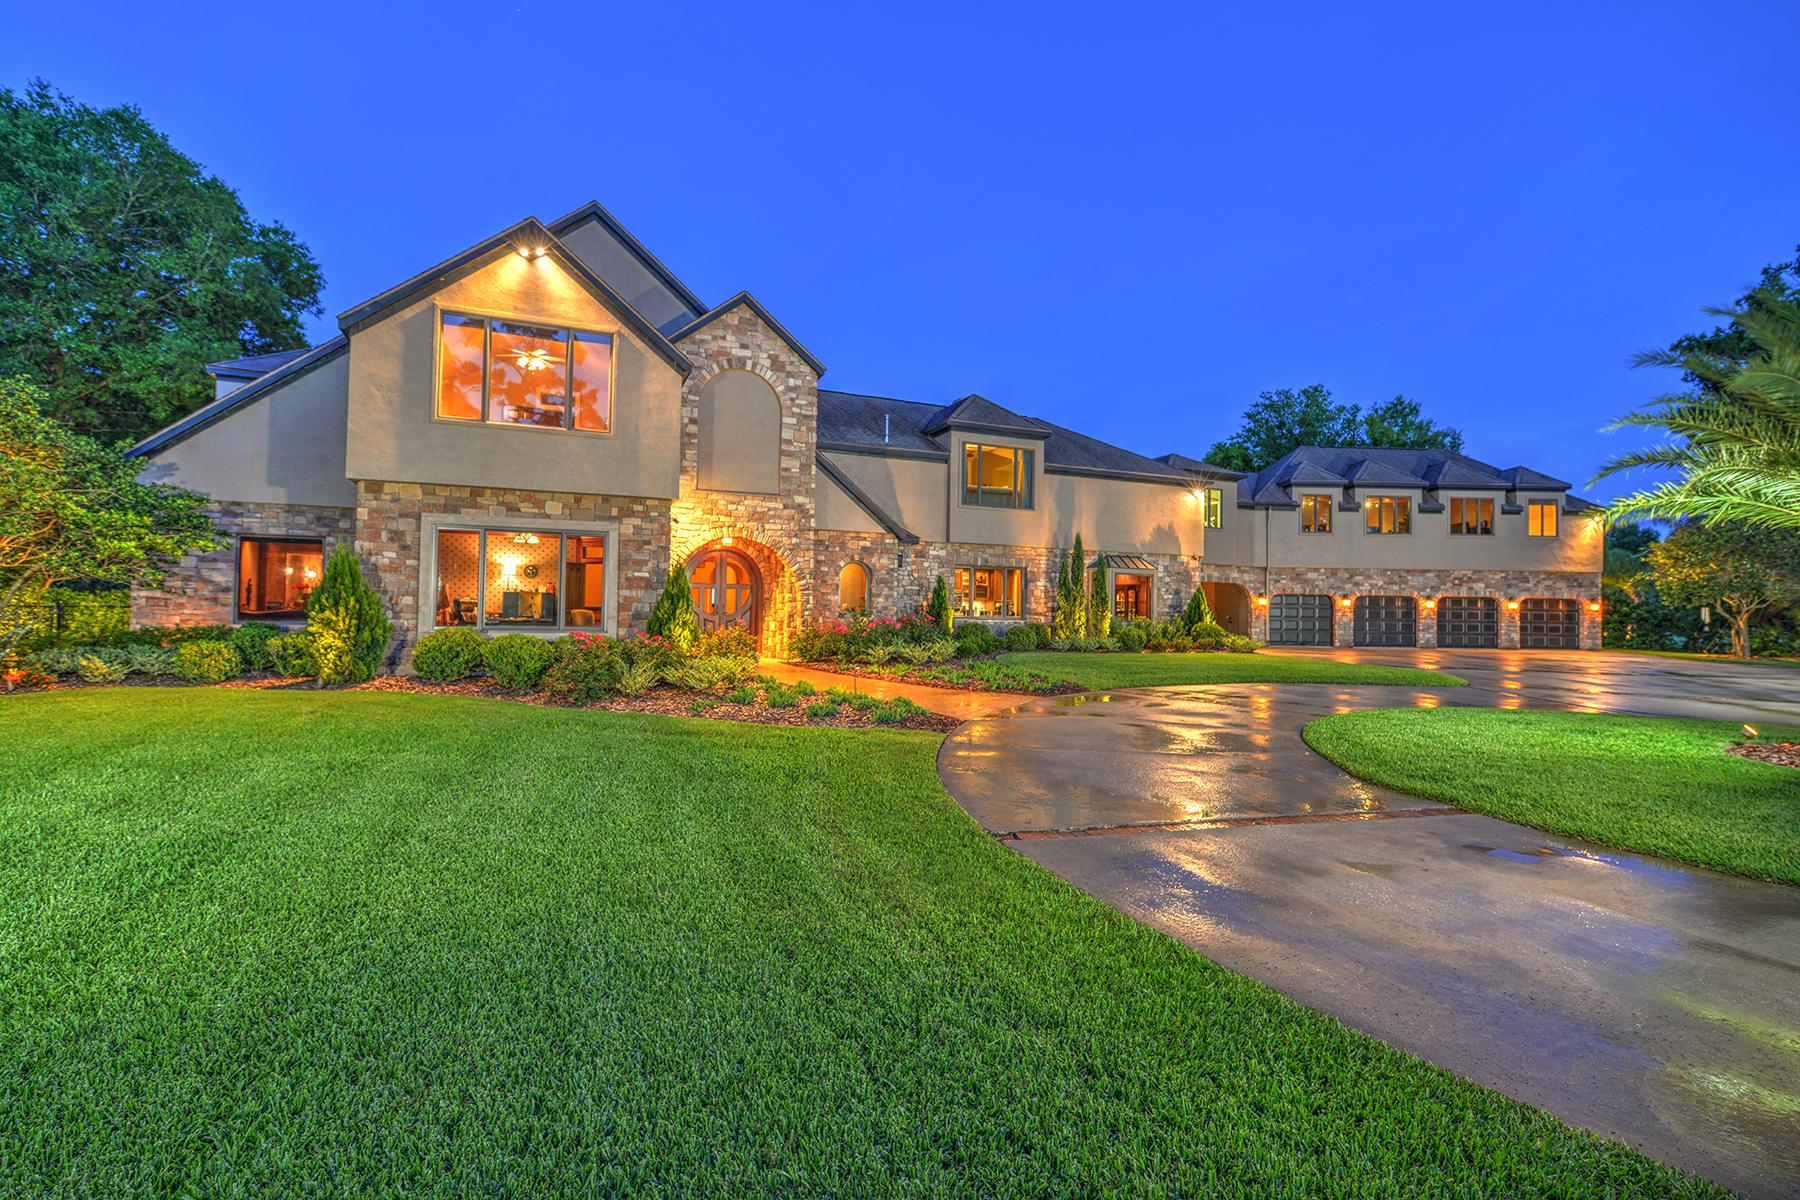 獨棟家庭住宅 為 出售 在 ORMOND BEACH 425 Pine Bluff Trl Ormond Beach, 佛羅里達州, 32174 美國